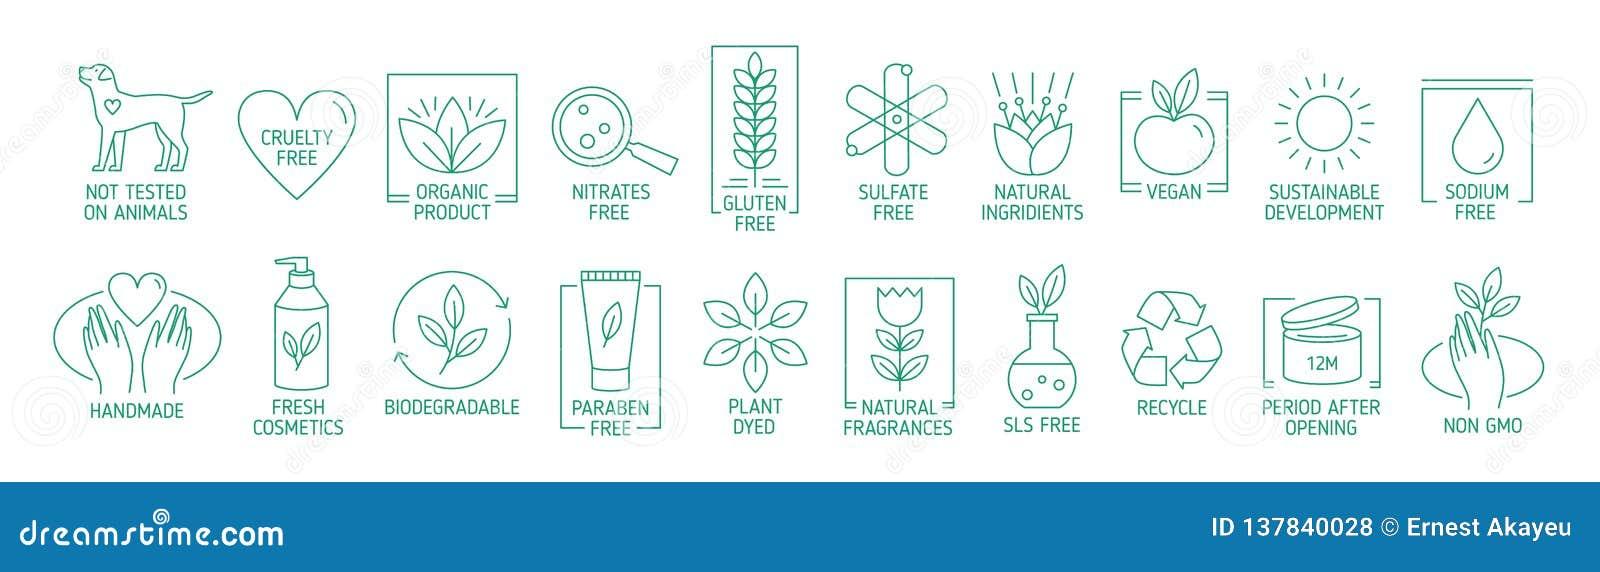 线性标志或徽章的汇集自然eco友好的手工制造产品的,有机化妆用品,素食主义者和